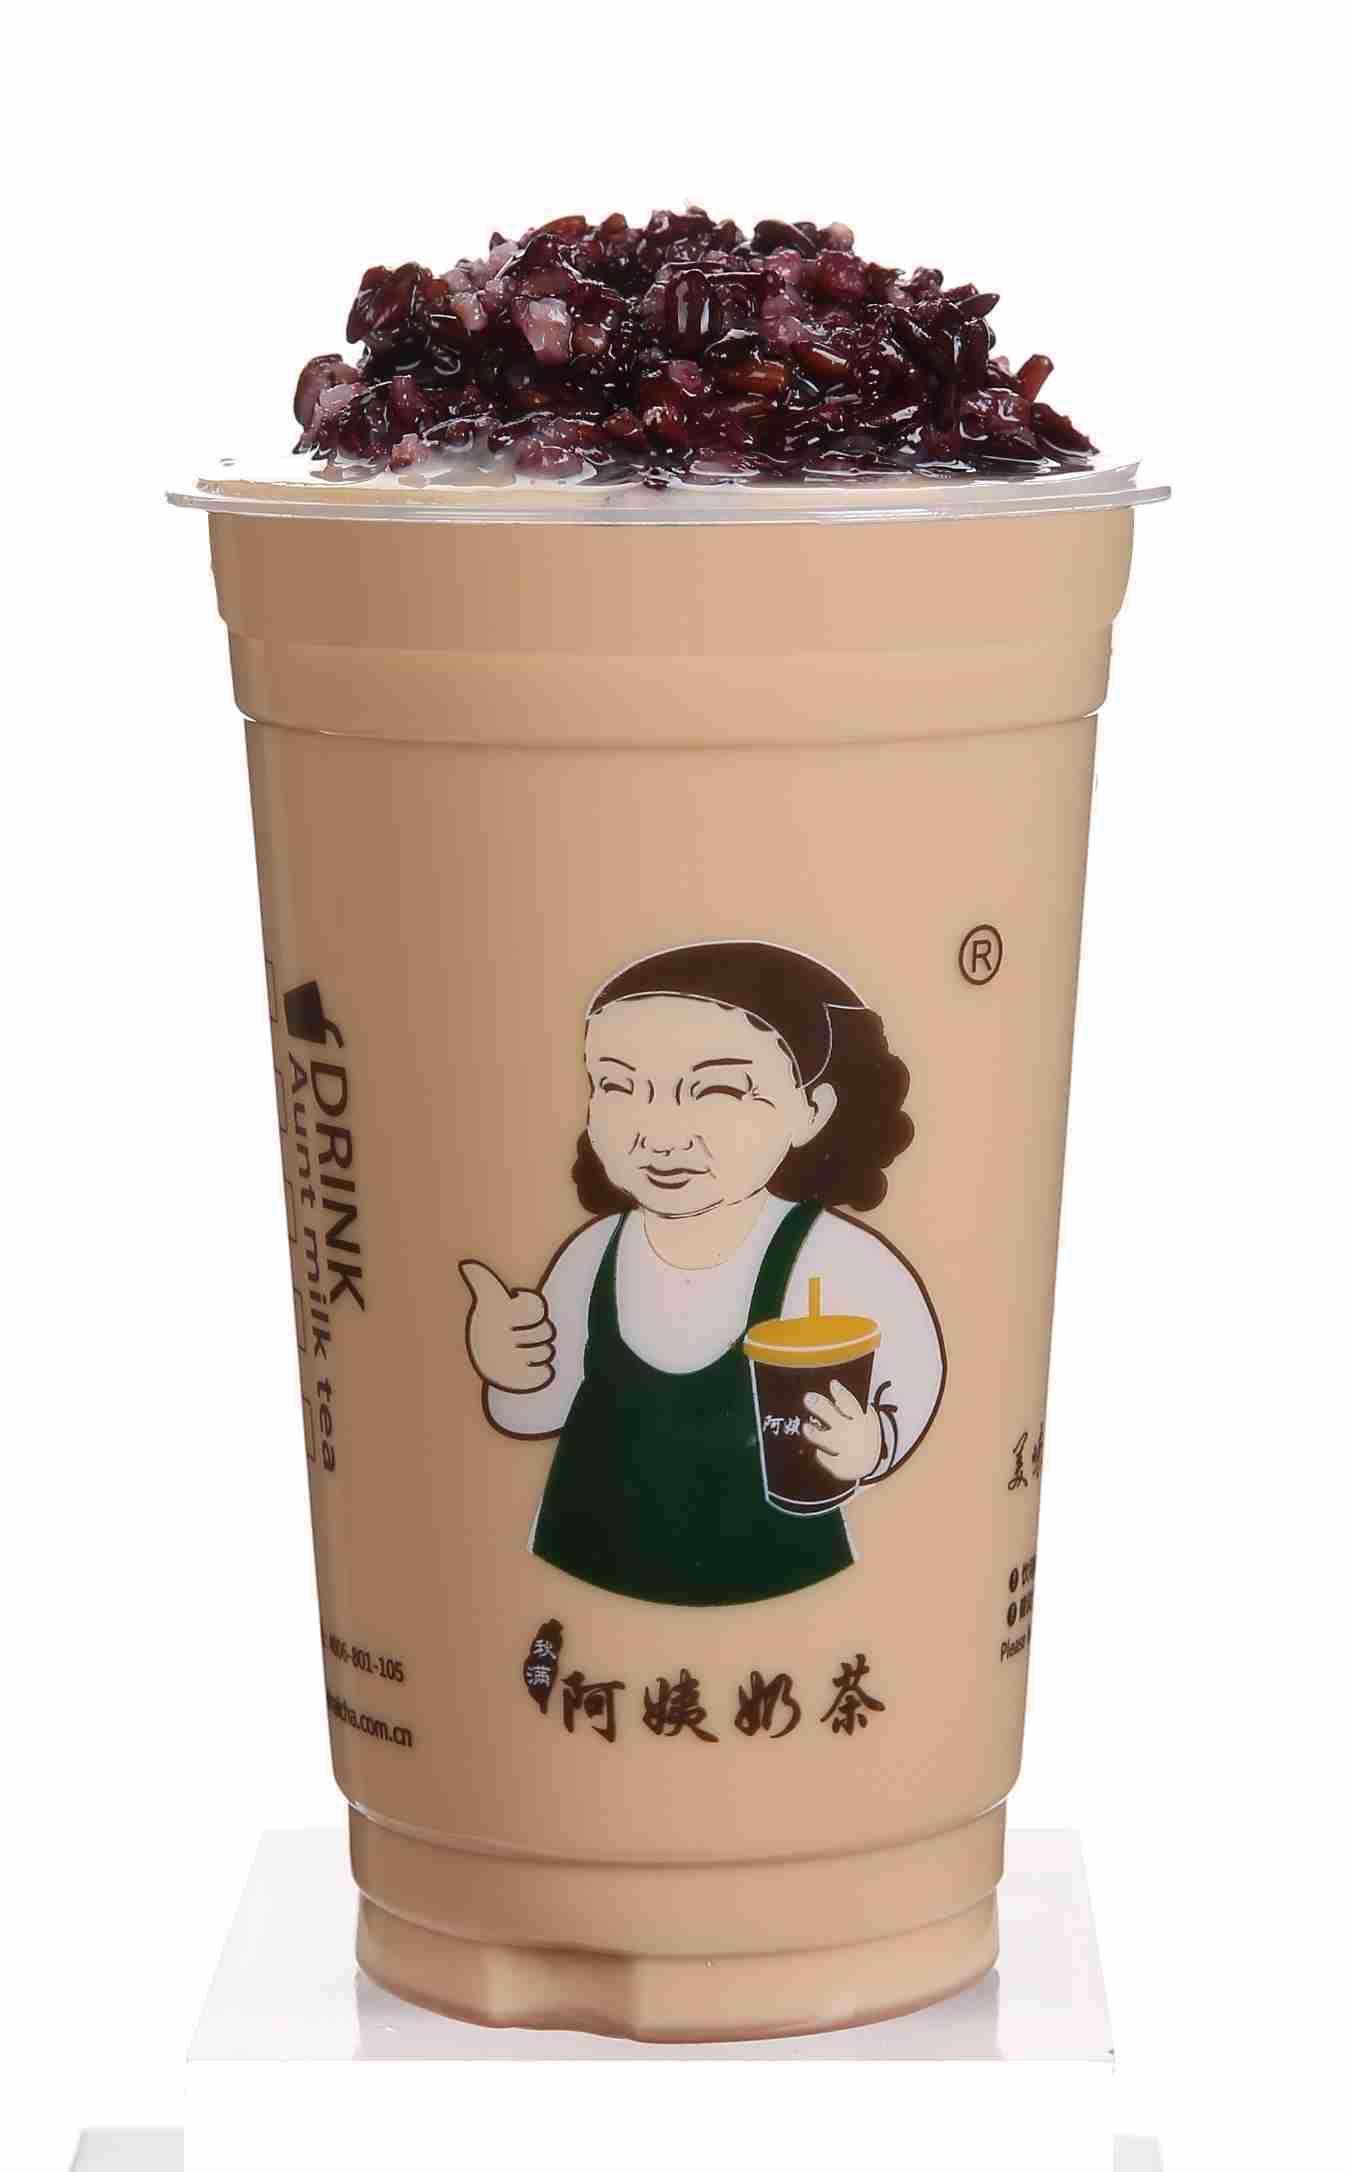 阿姨奶茶之血糯米奶茶